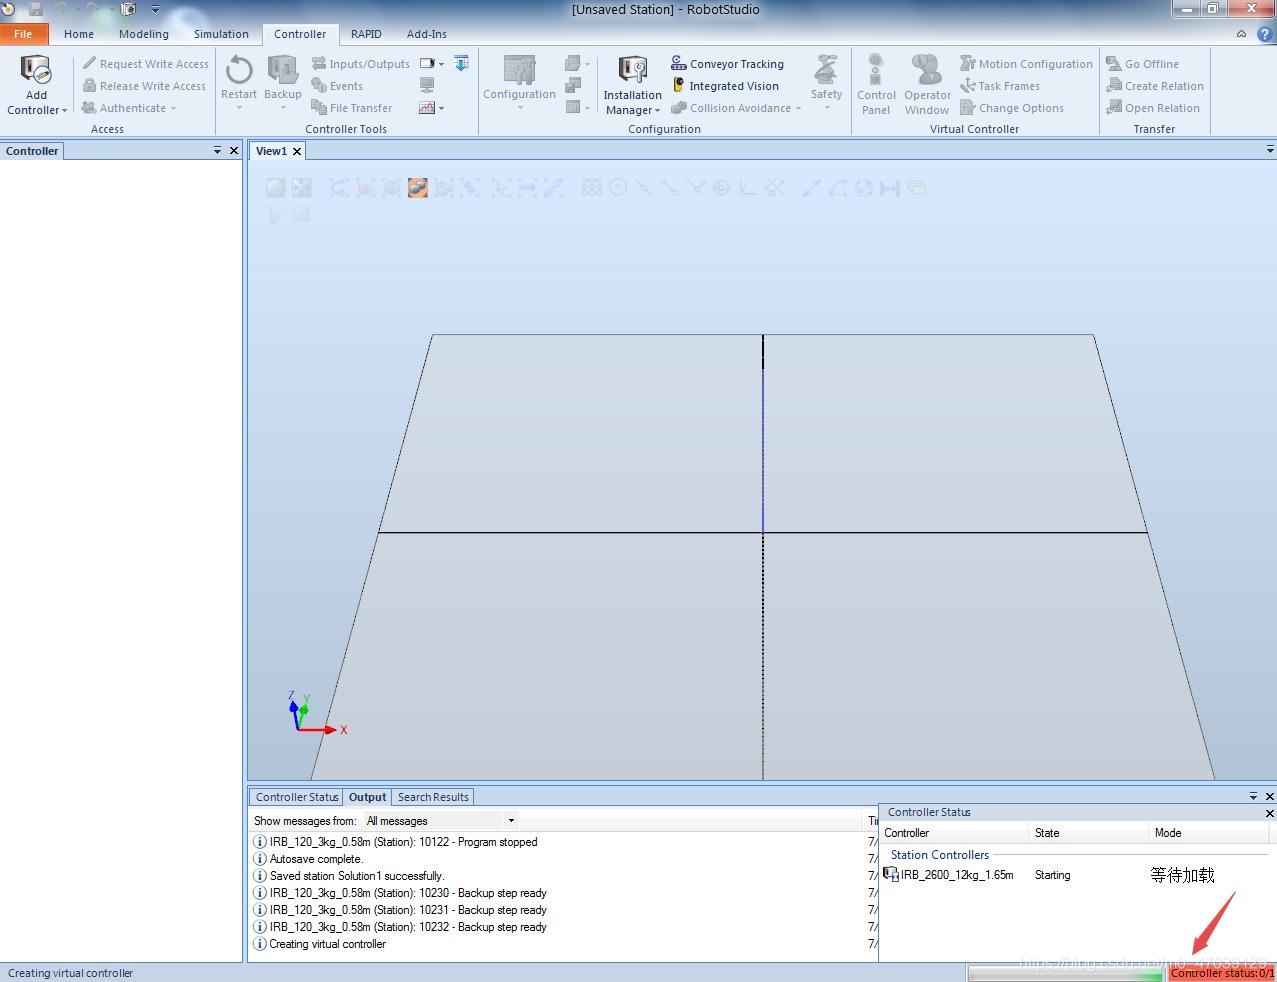 图3 加载过程中工作站内不显示任何内容